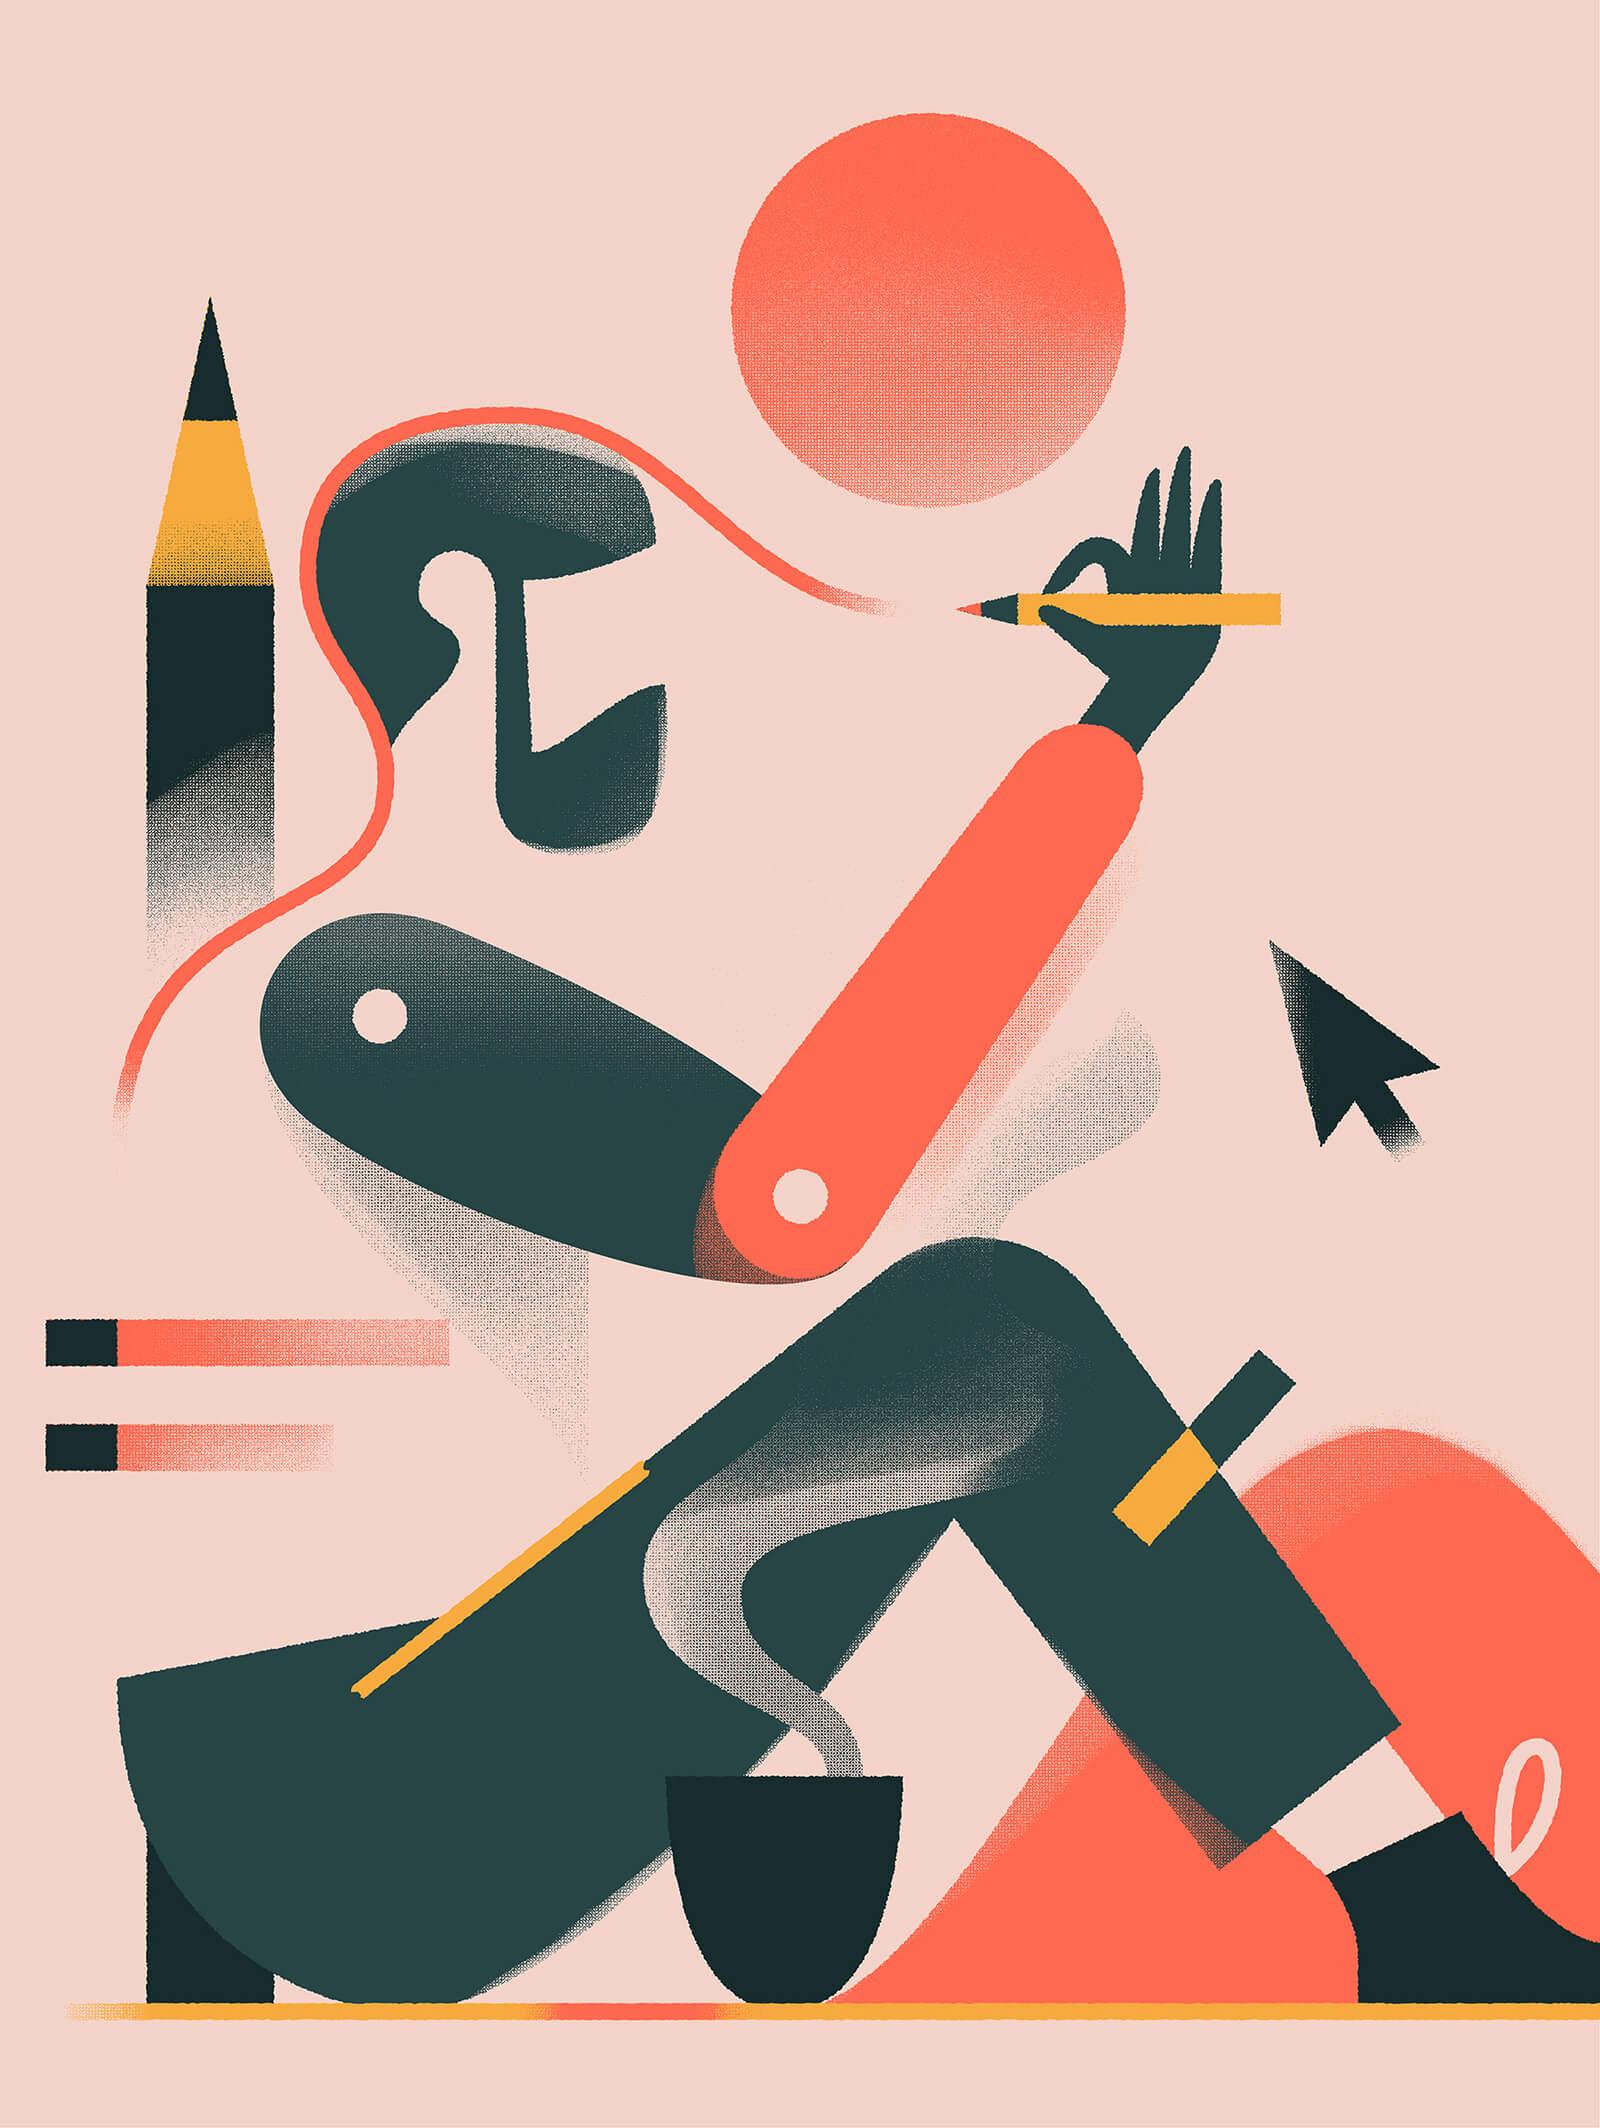 Timo-Kuilder-illustration-goodfromyou-17.jpg